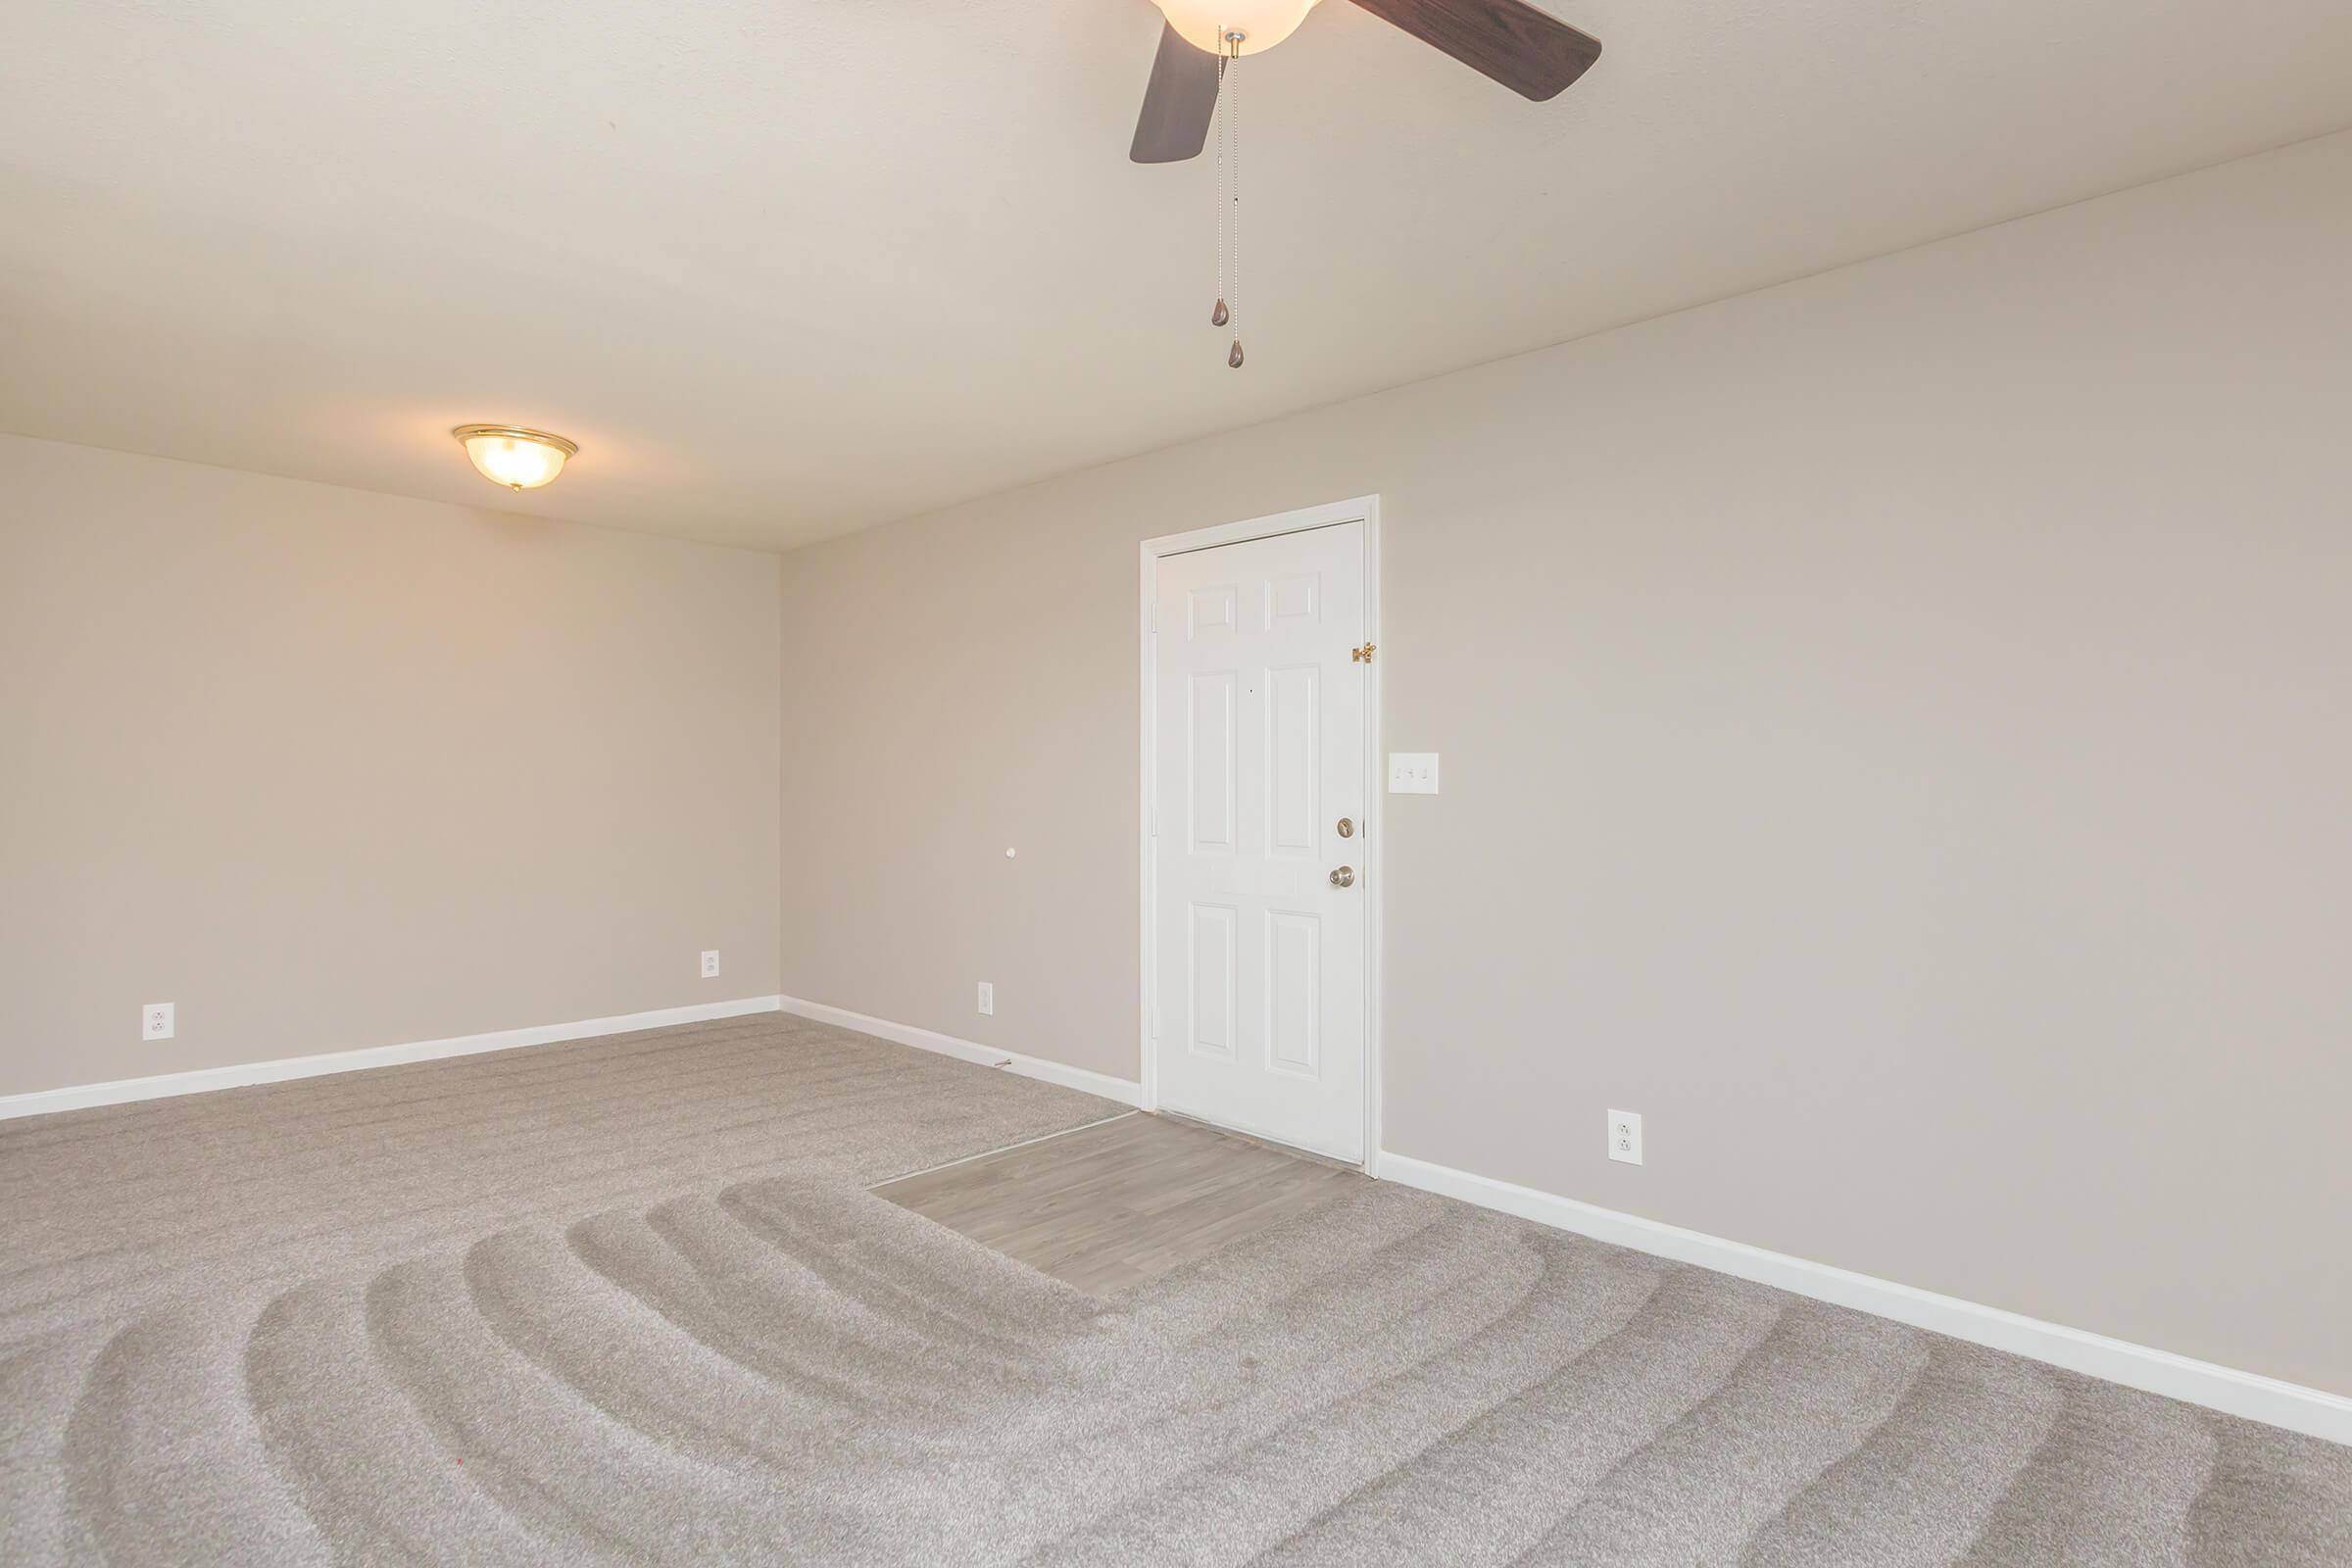 Plush Carpeting at SummerTrees Apartments